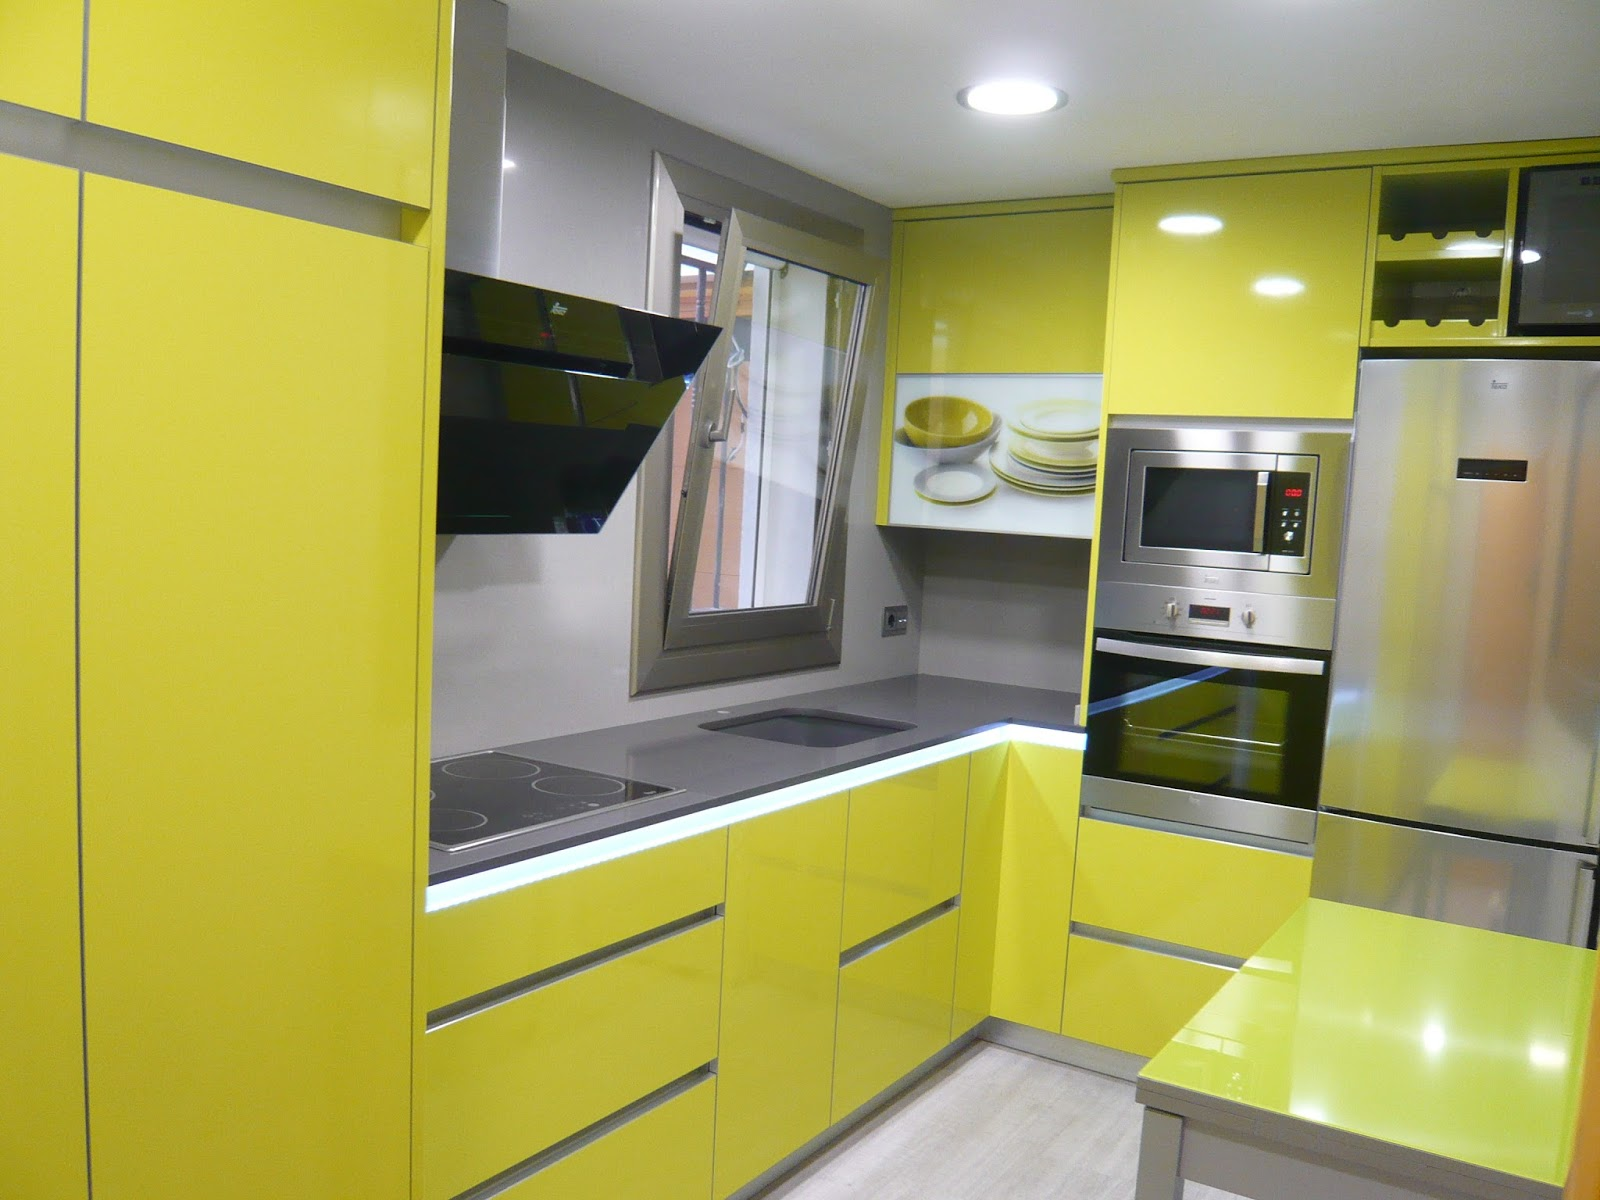 Reuscuina mueble de cocina verde pistacho sin tiradores - Cocina sin tiradores ...